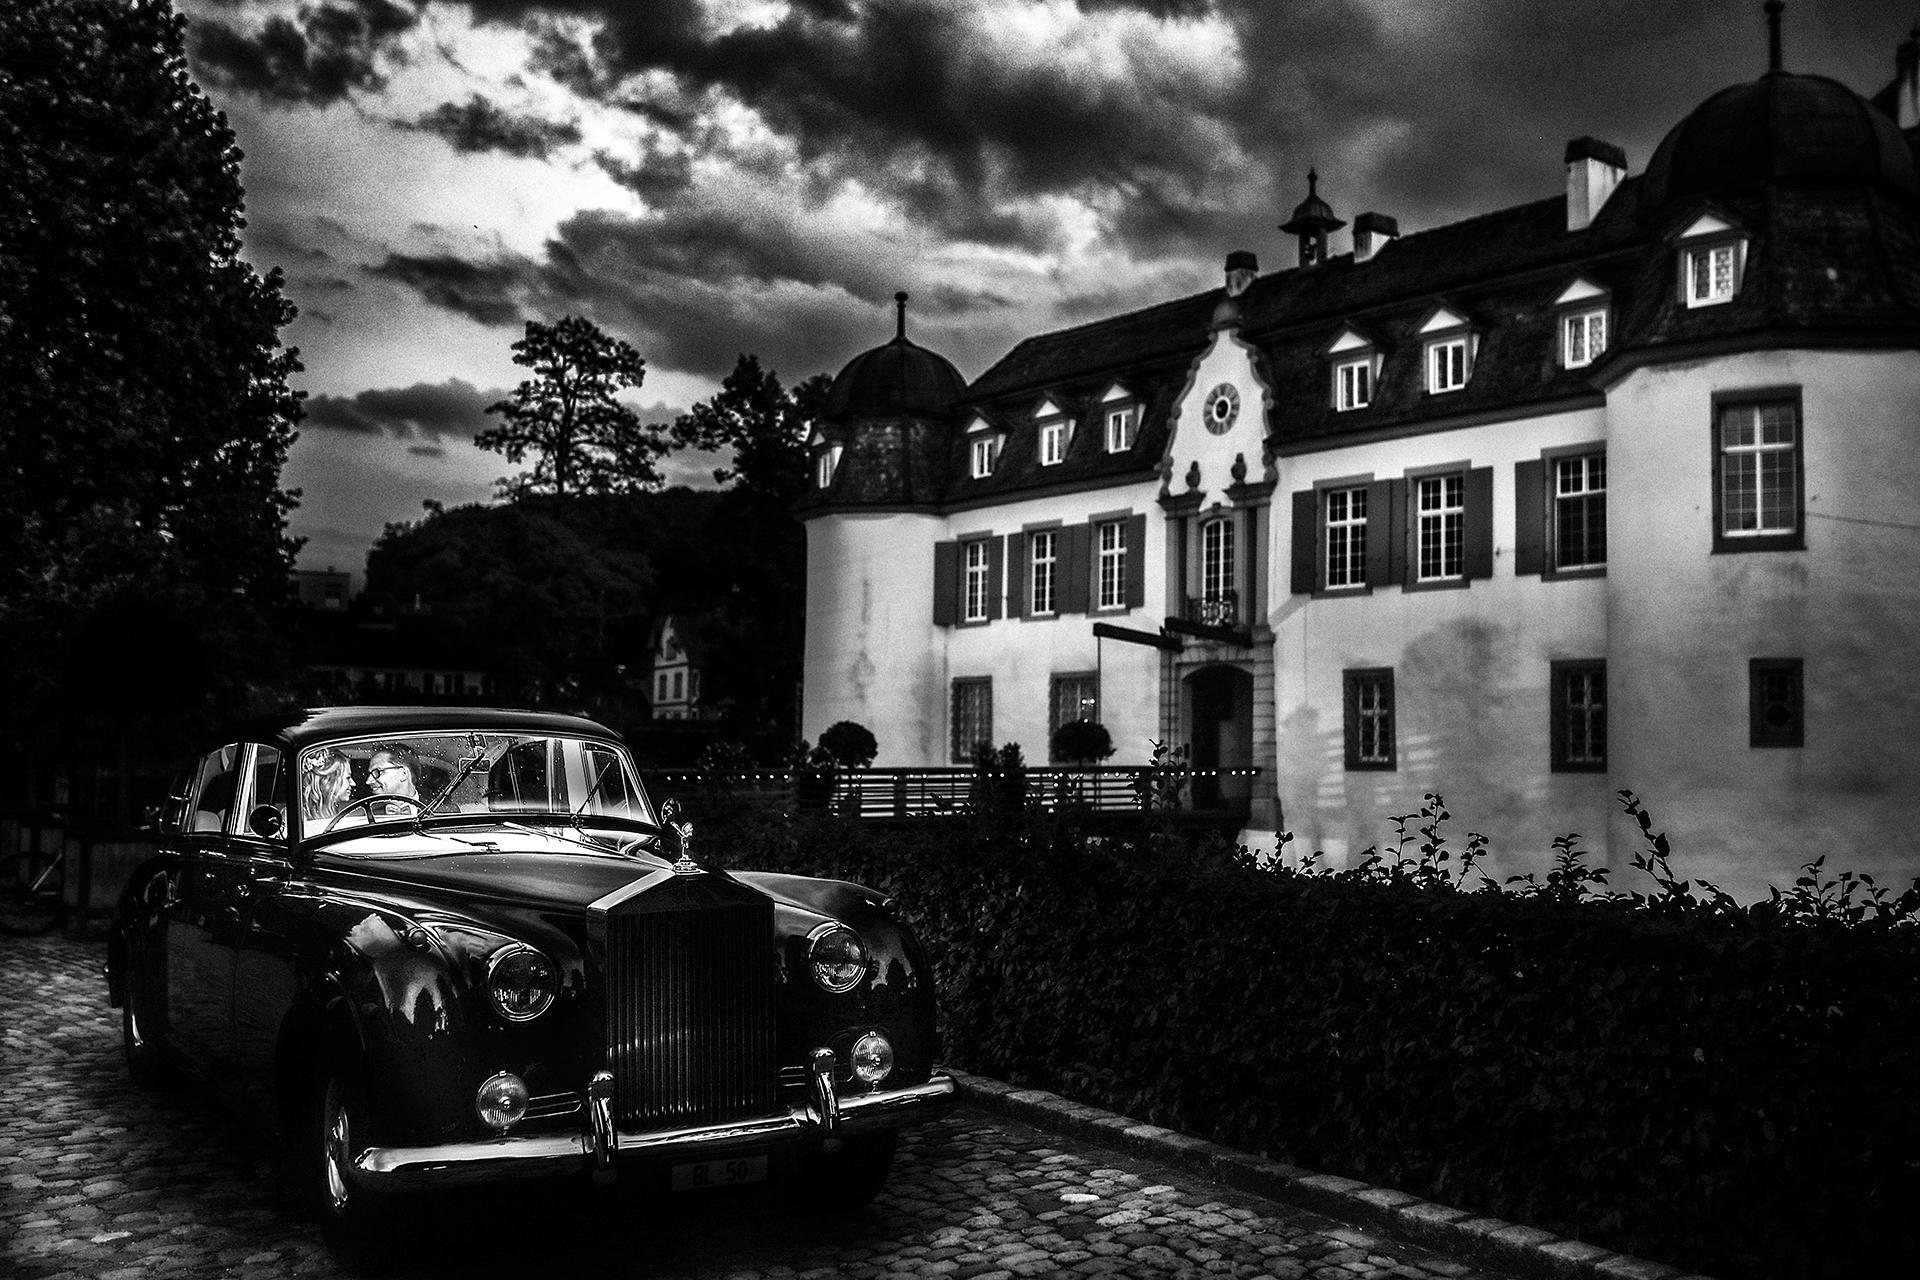 wedding, schweiz, Hochzeitsfotograf, weddingphotography, Hochzeitsreportage, Hochzeitsbilder, weddingday